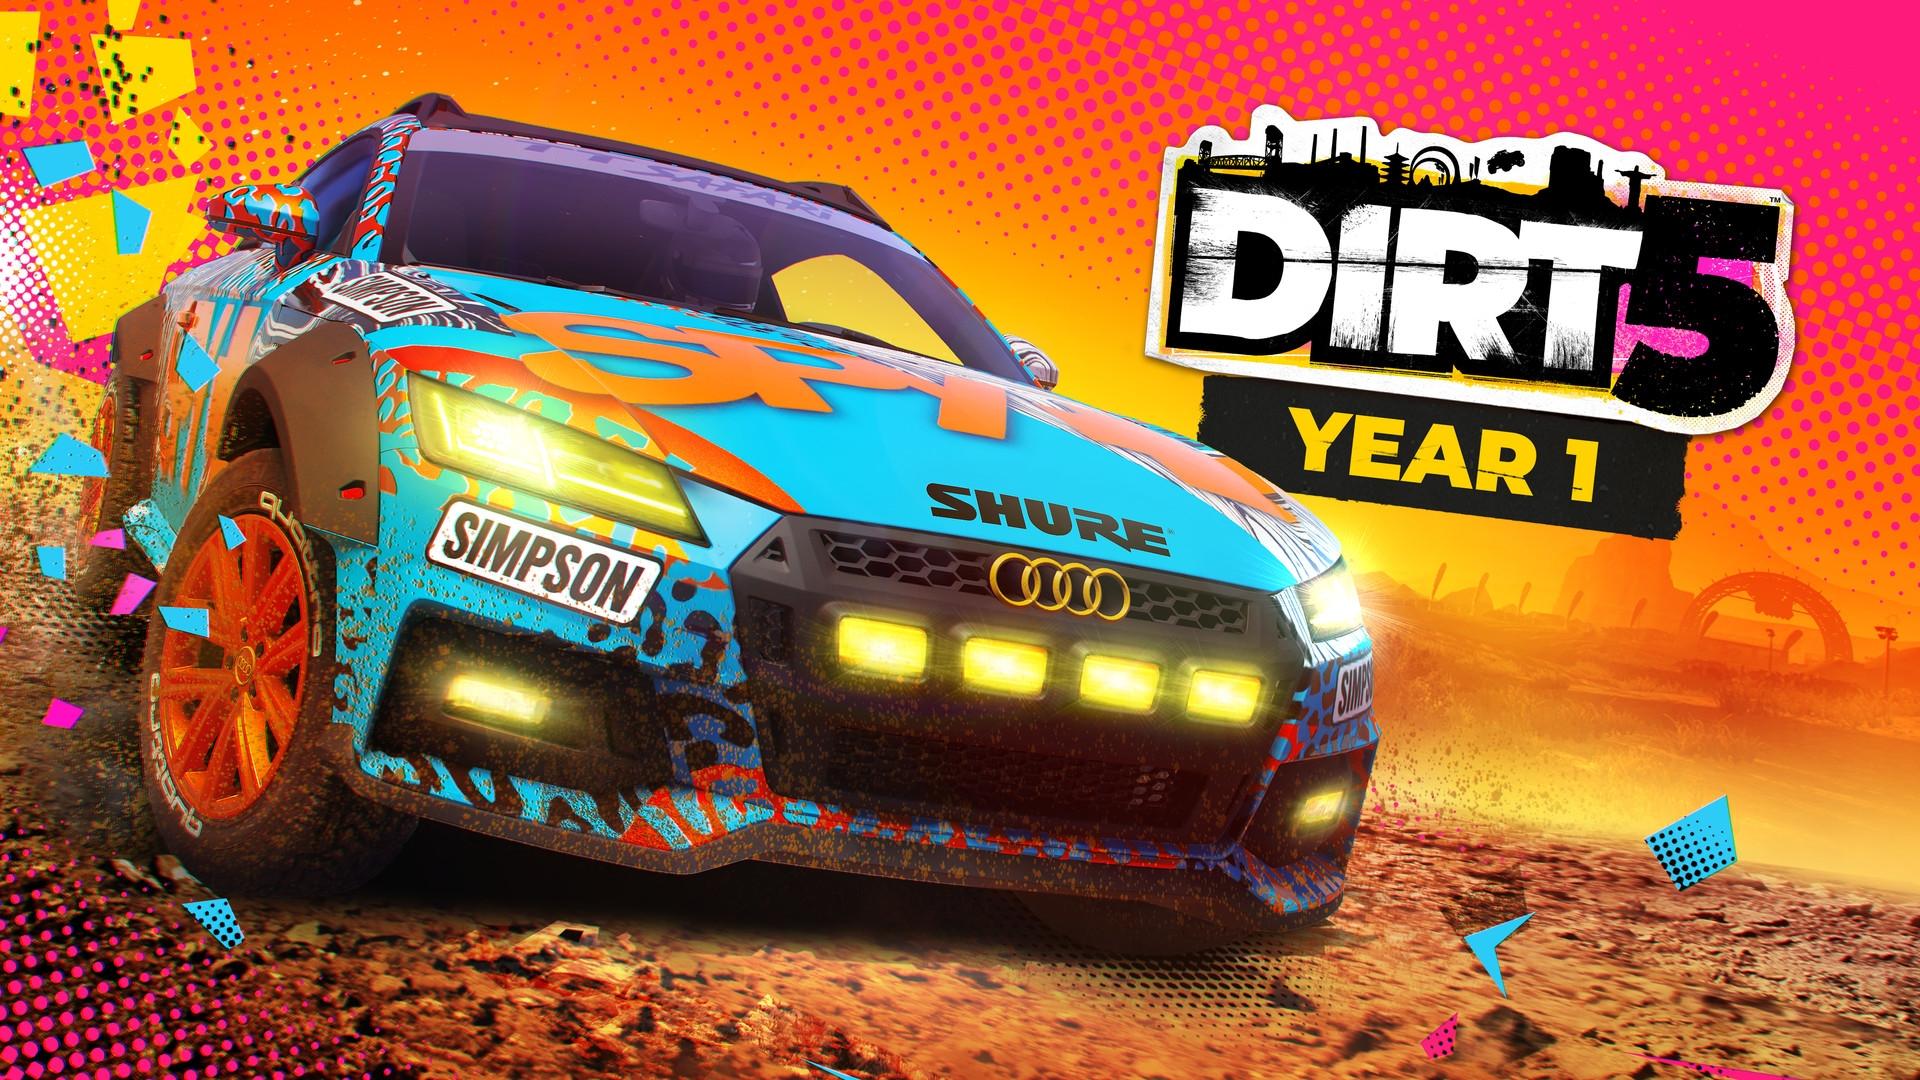 DIRT 5 Year 1 Upgrade | ROW (35aa0865-85e5-4c7d-b85d-593663f276fd)